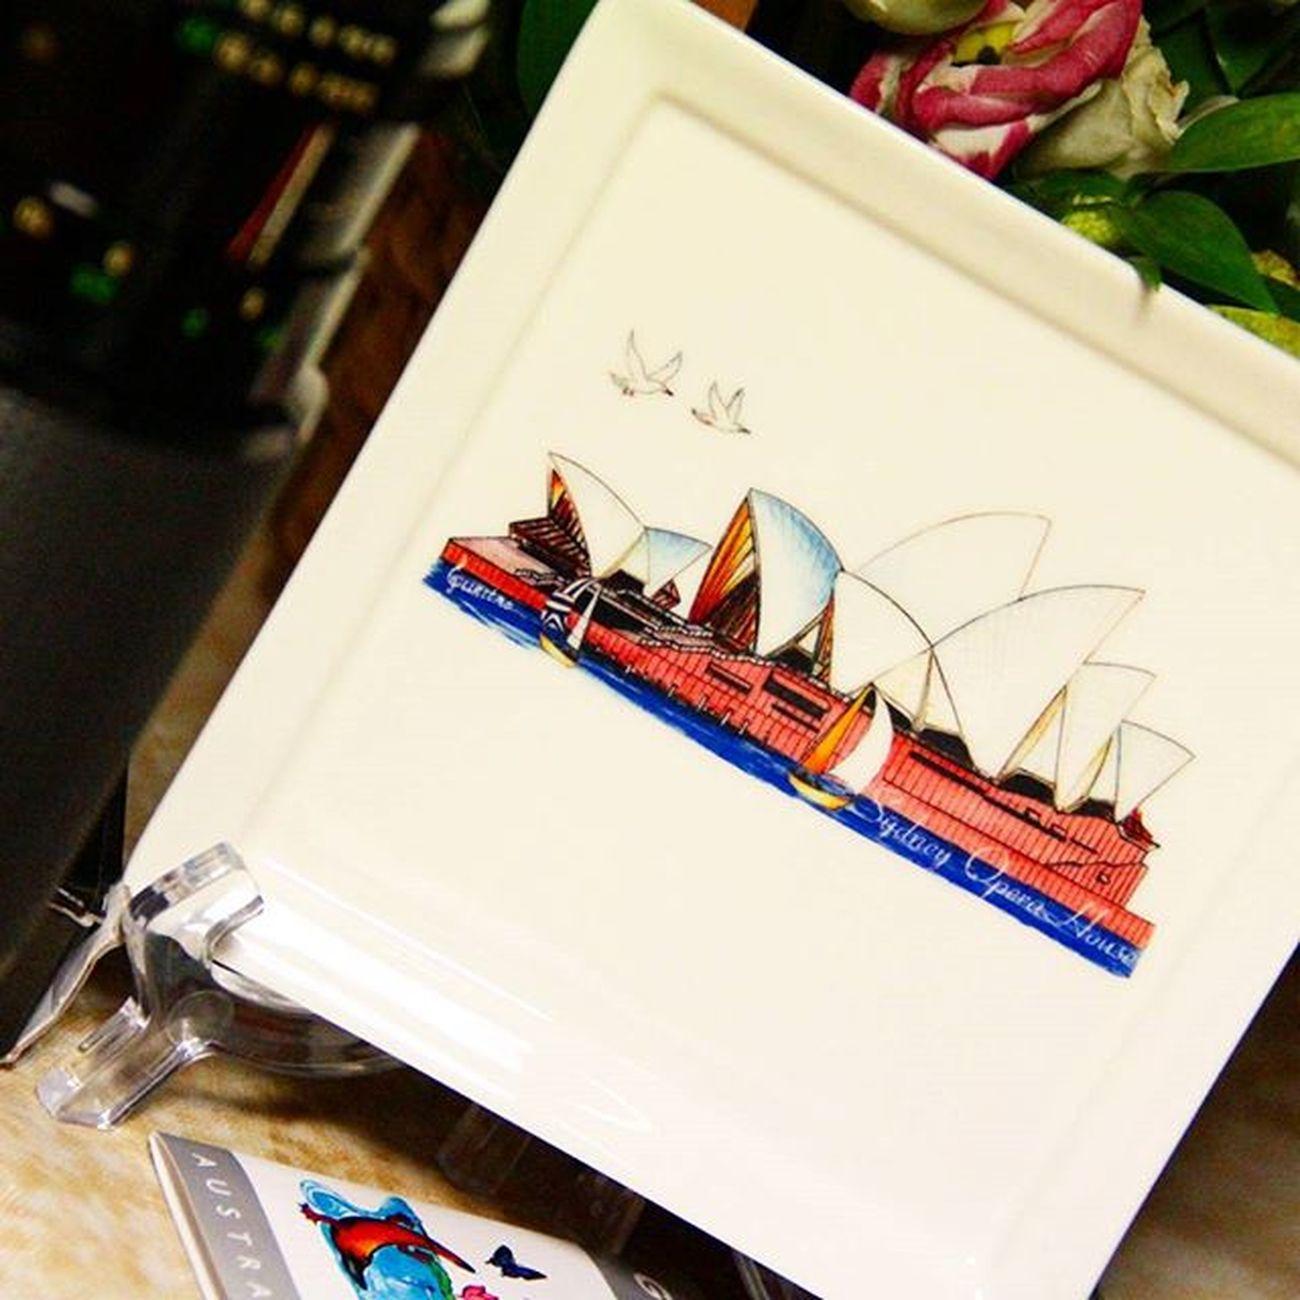 Как приятно получать подарки . приветы дальних стран от друга который уехалжитьв Австралия коллекция тарелка present regards far country friend Australia Sidney collection plate